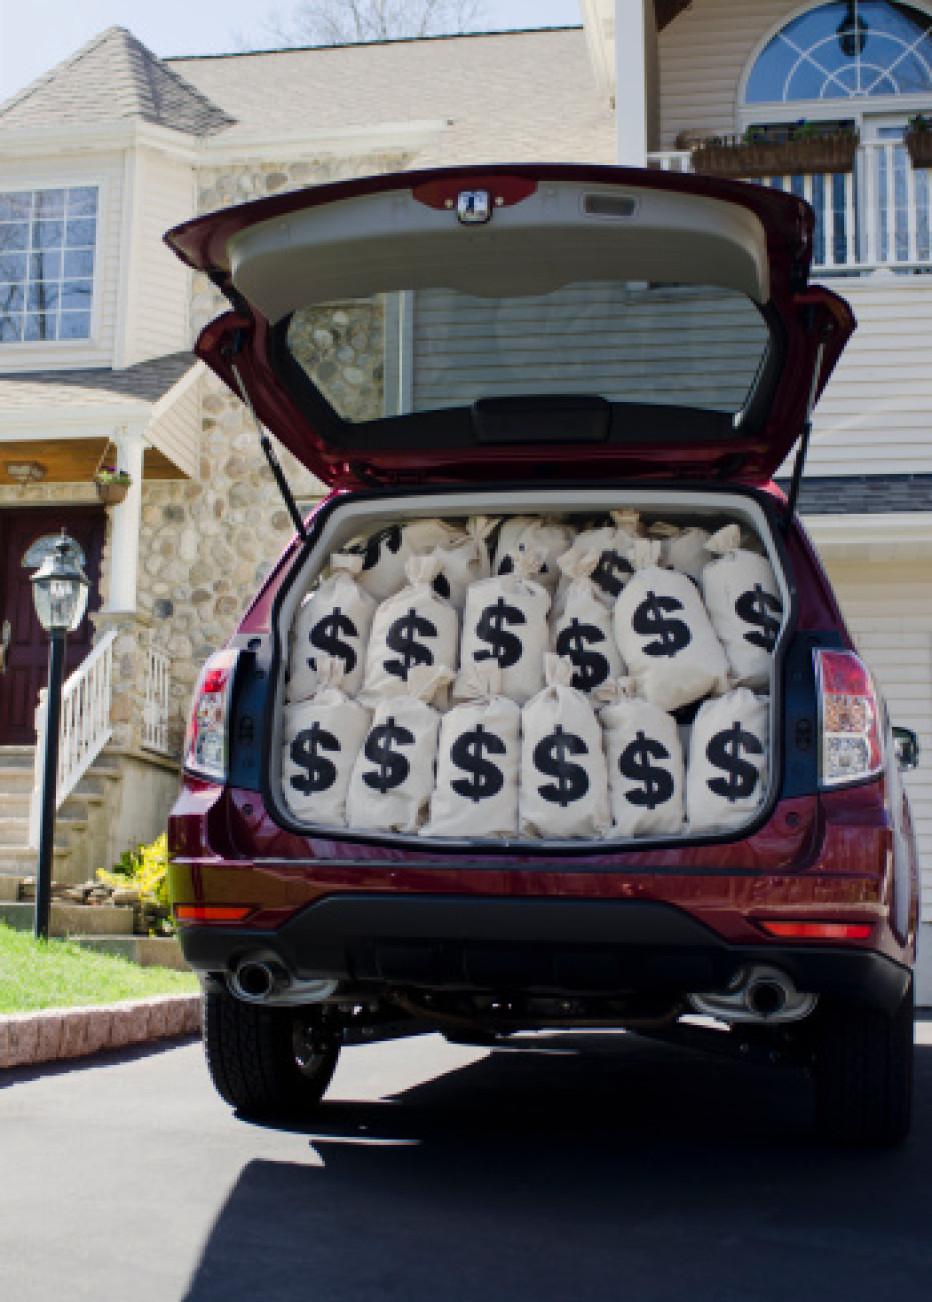 Бу авто в краснодаре в кредит без первоначального взноса